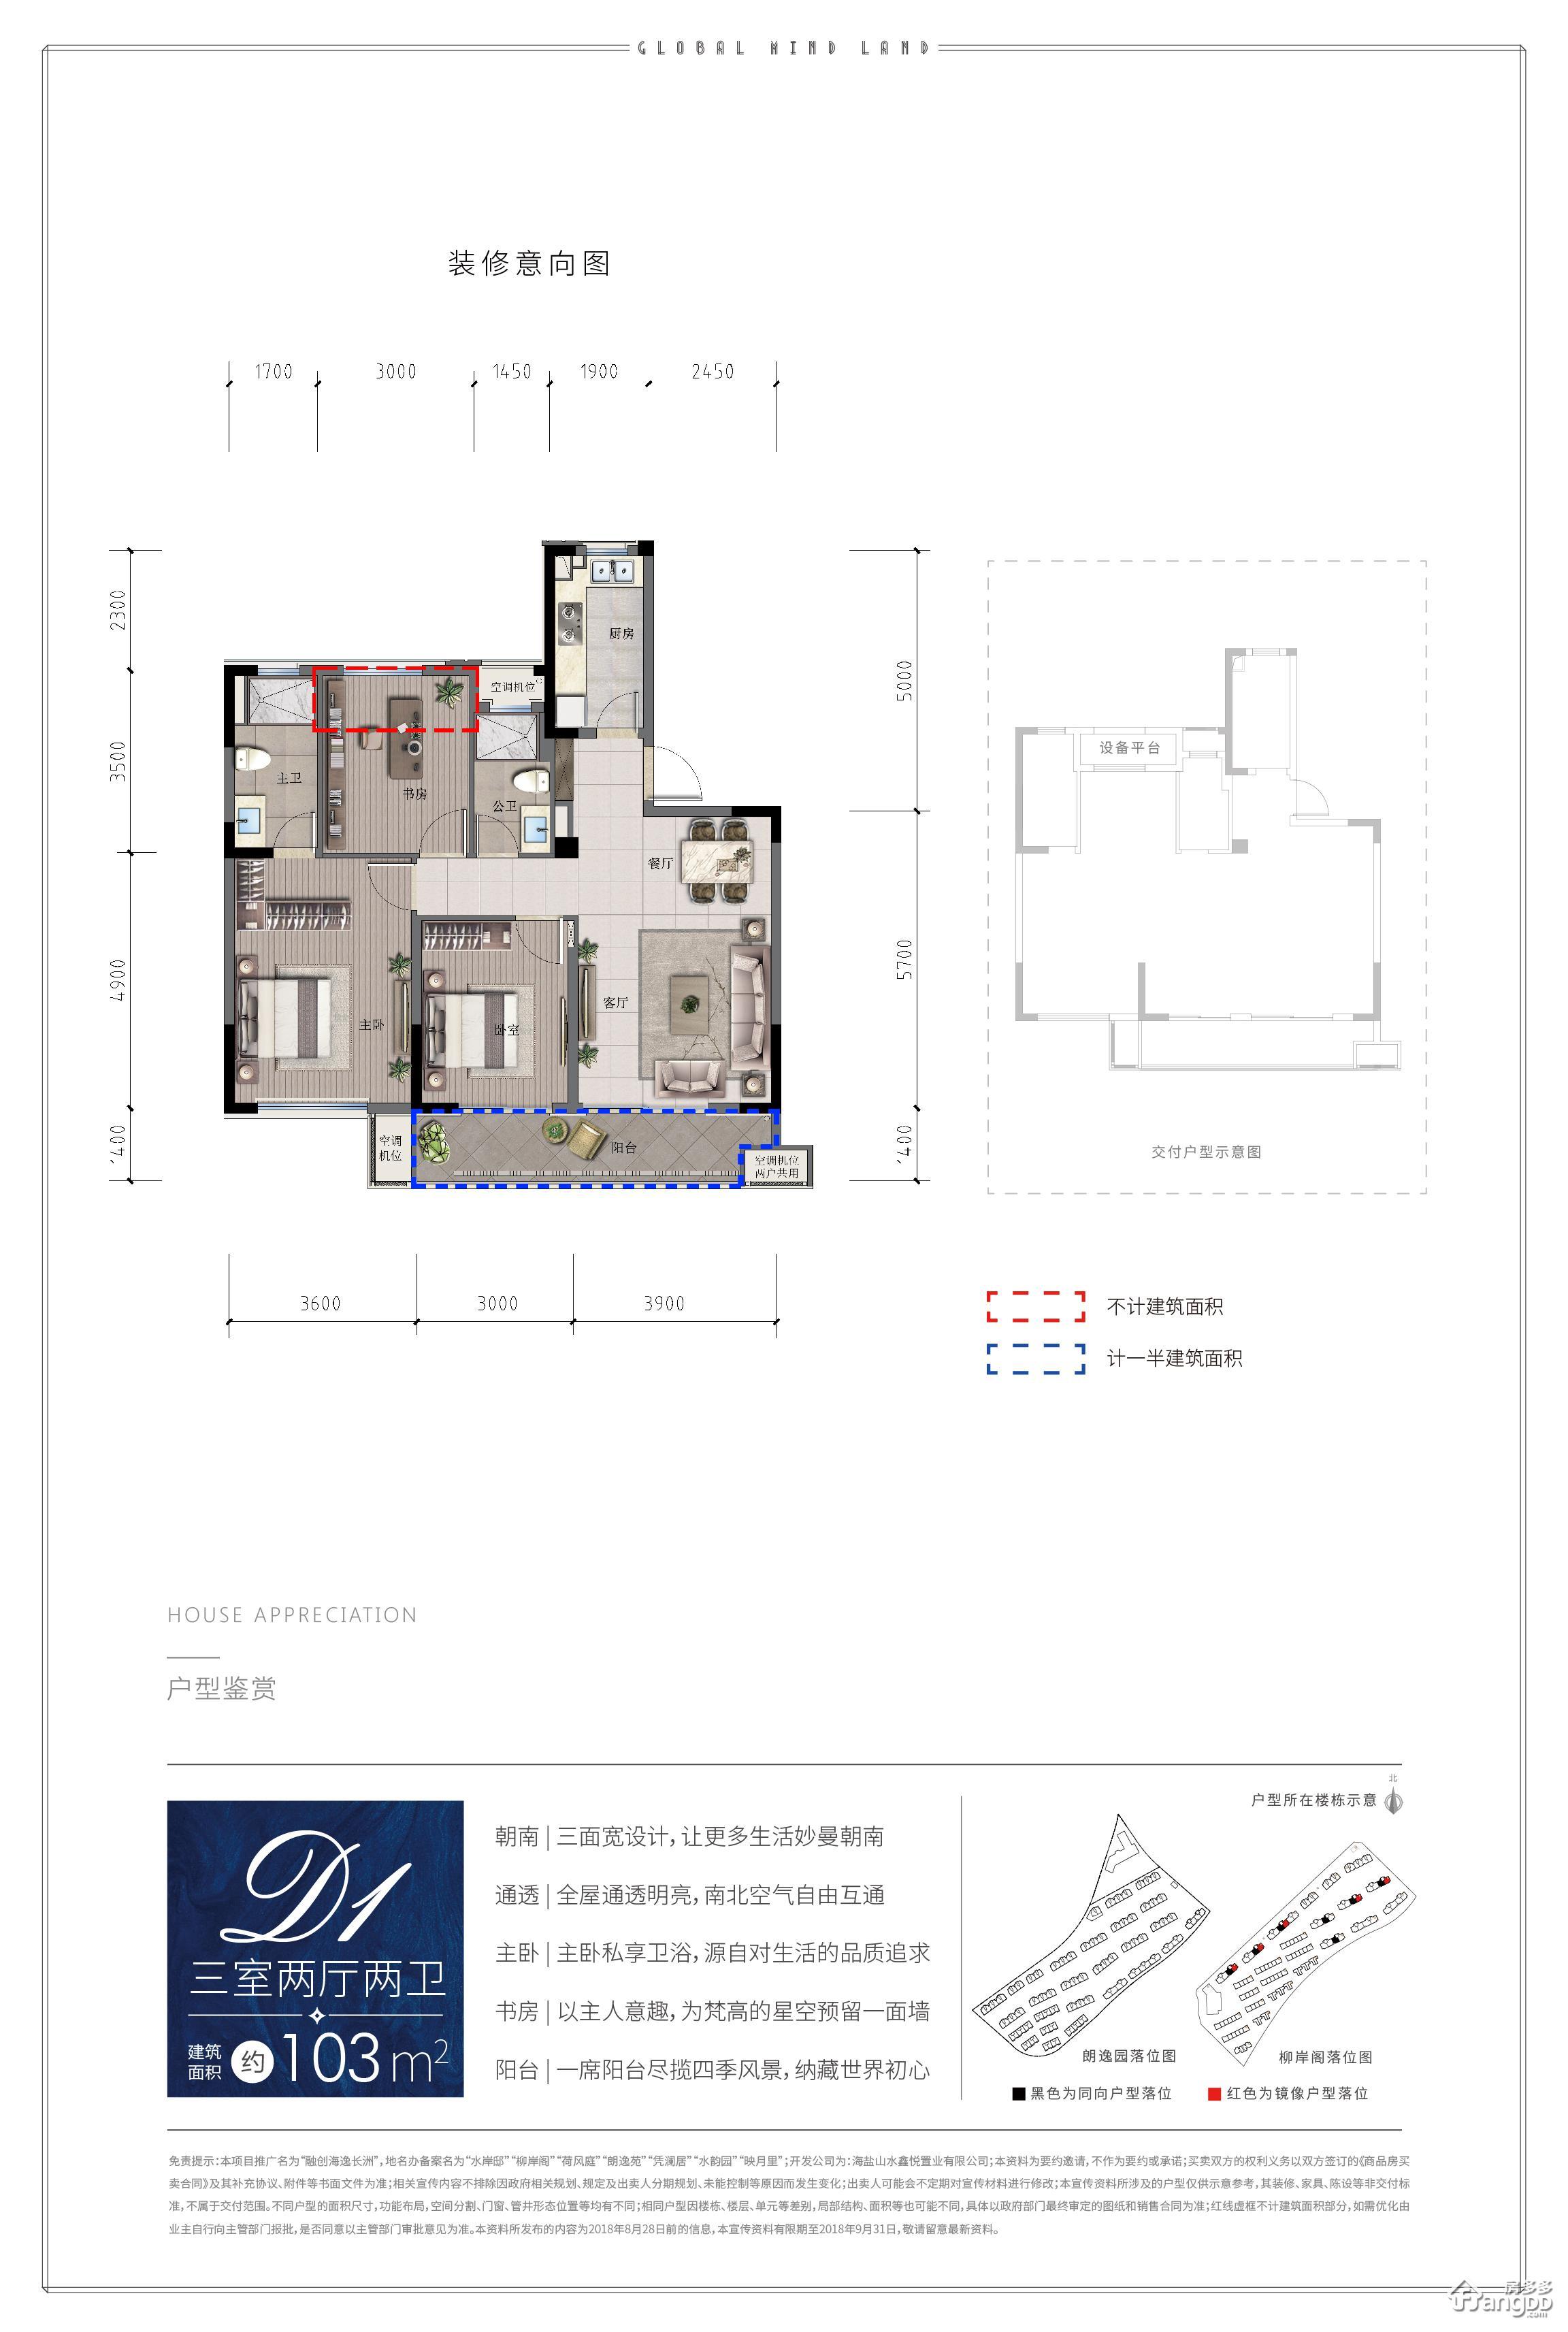 融创·海逸长洲3室2厅2卫户型图